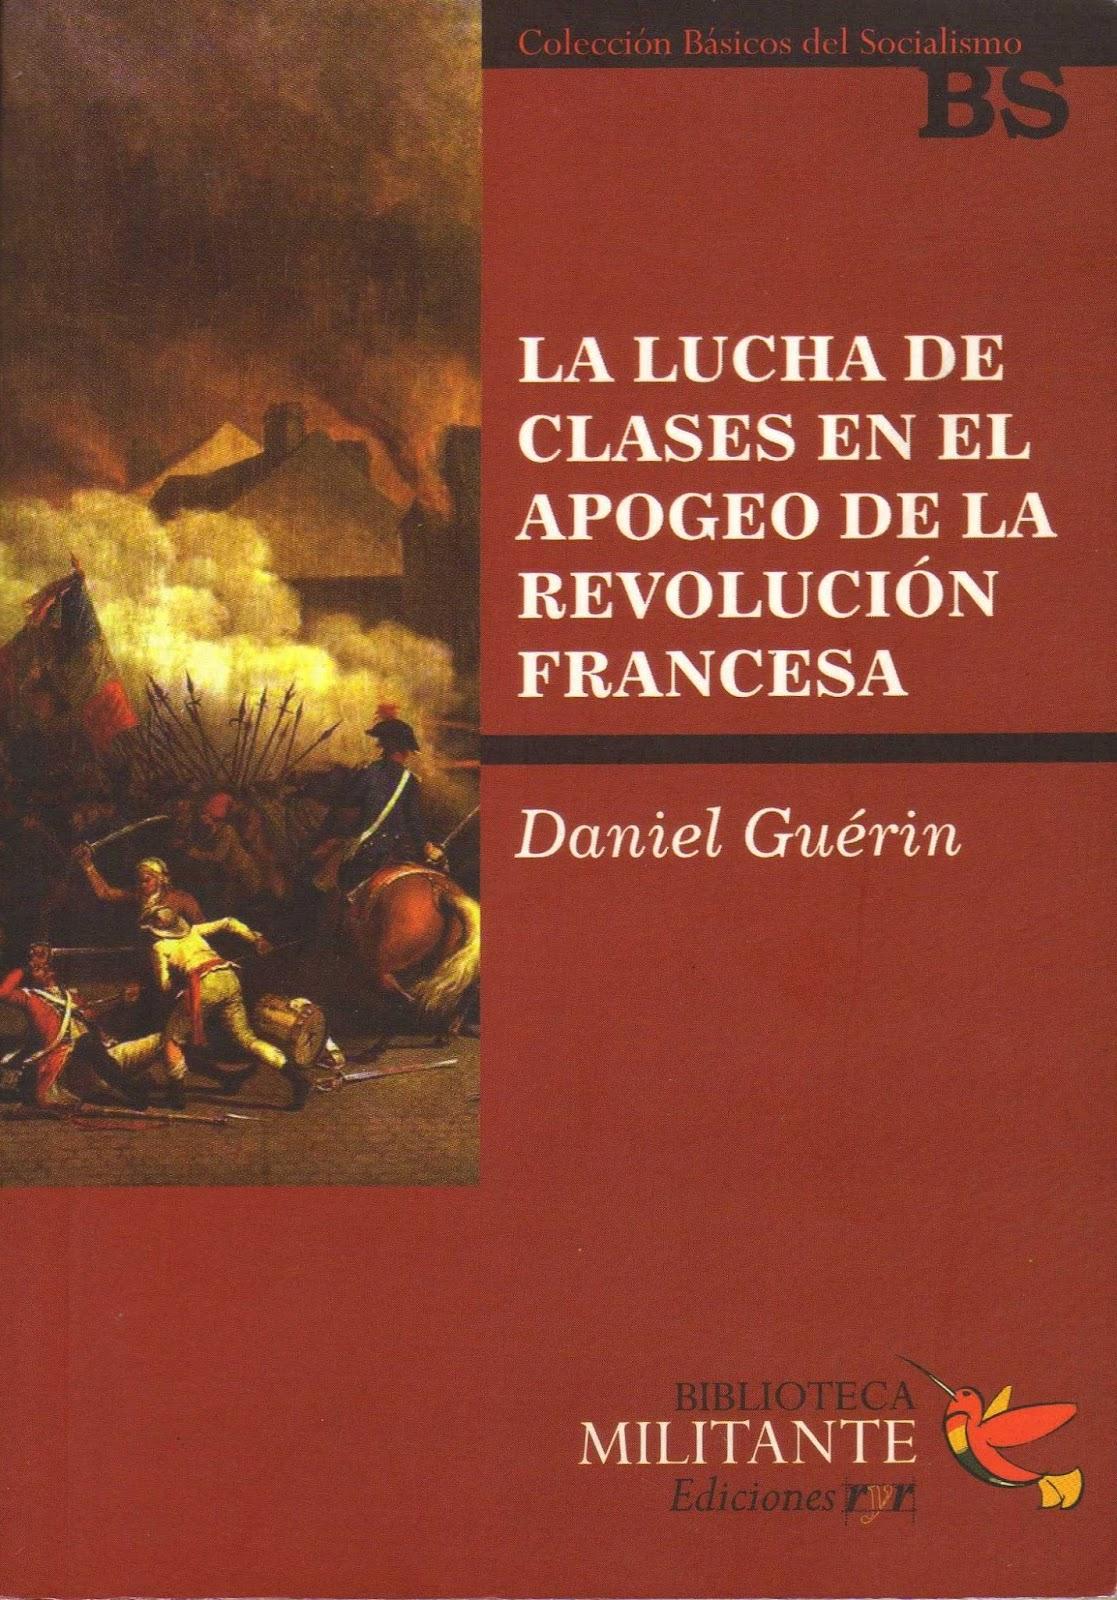 Nueva digitalización: «La lucha de clases en el apogeo de la Revolución Francesa» (Guérin) La%2Blucha%2Bde%2Bclases%2Ben%2Bel%2Bapogeo%2Bde%2Bla%2BRevoluci%25C3%25B3n%2BFrancesa